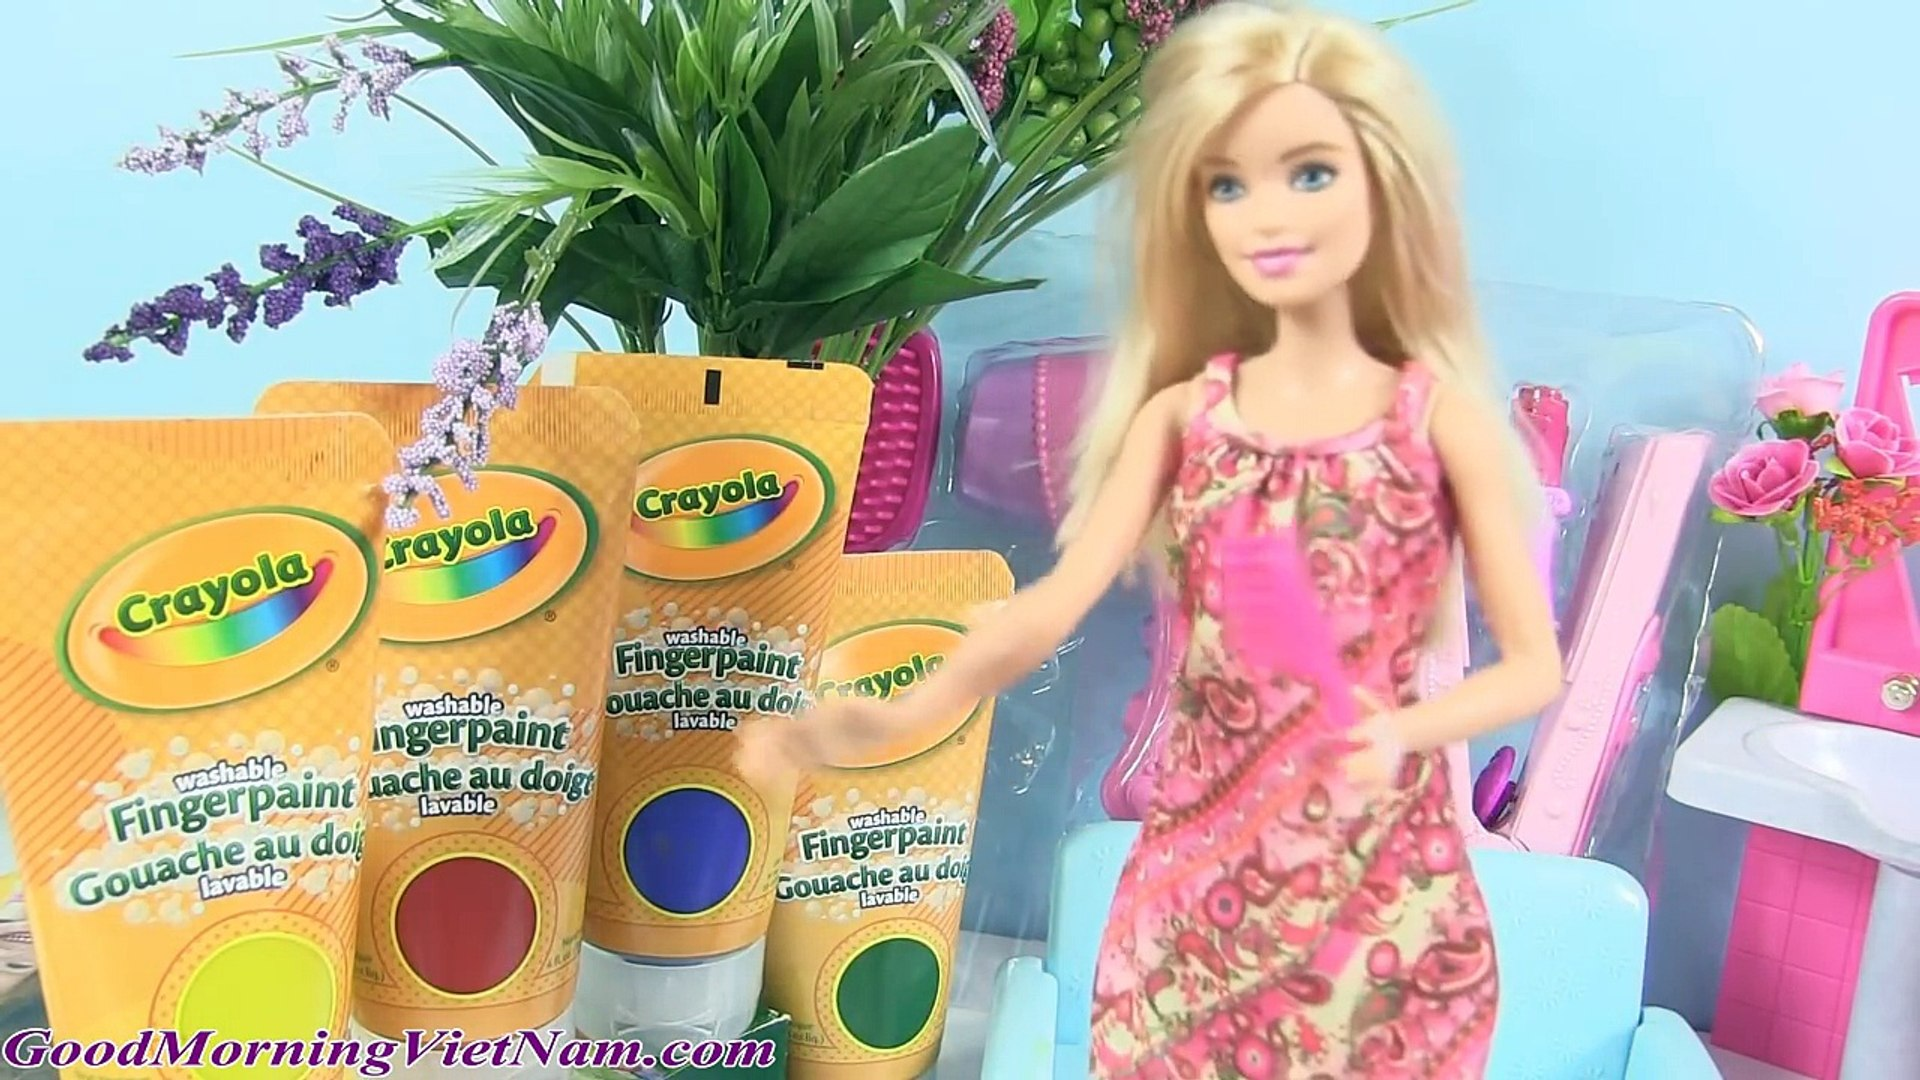 Barbie Chelsea Nhuộm Tóc Đỏ - Đồ Chơi Trẻ Em Tiệm Tóc Barbie